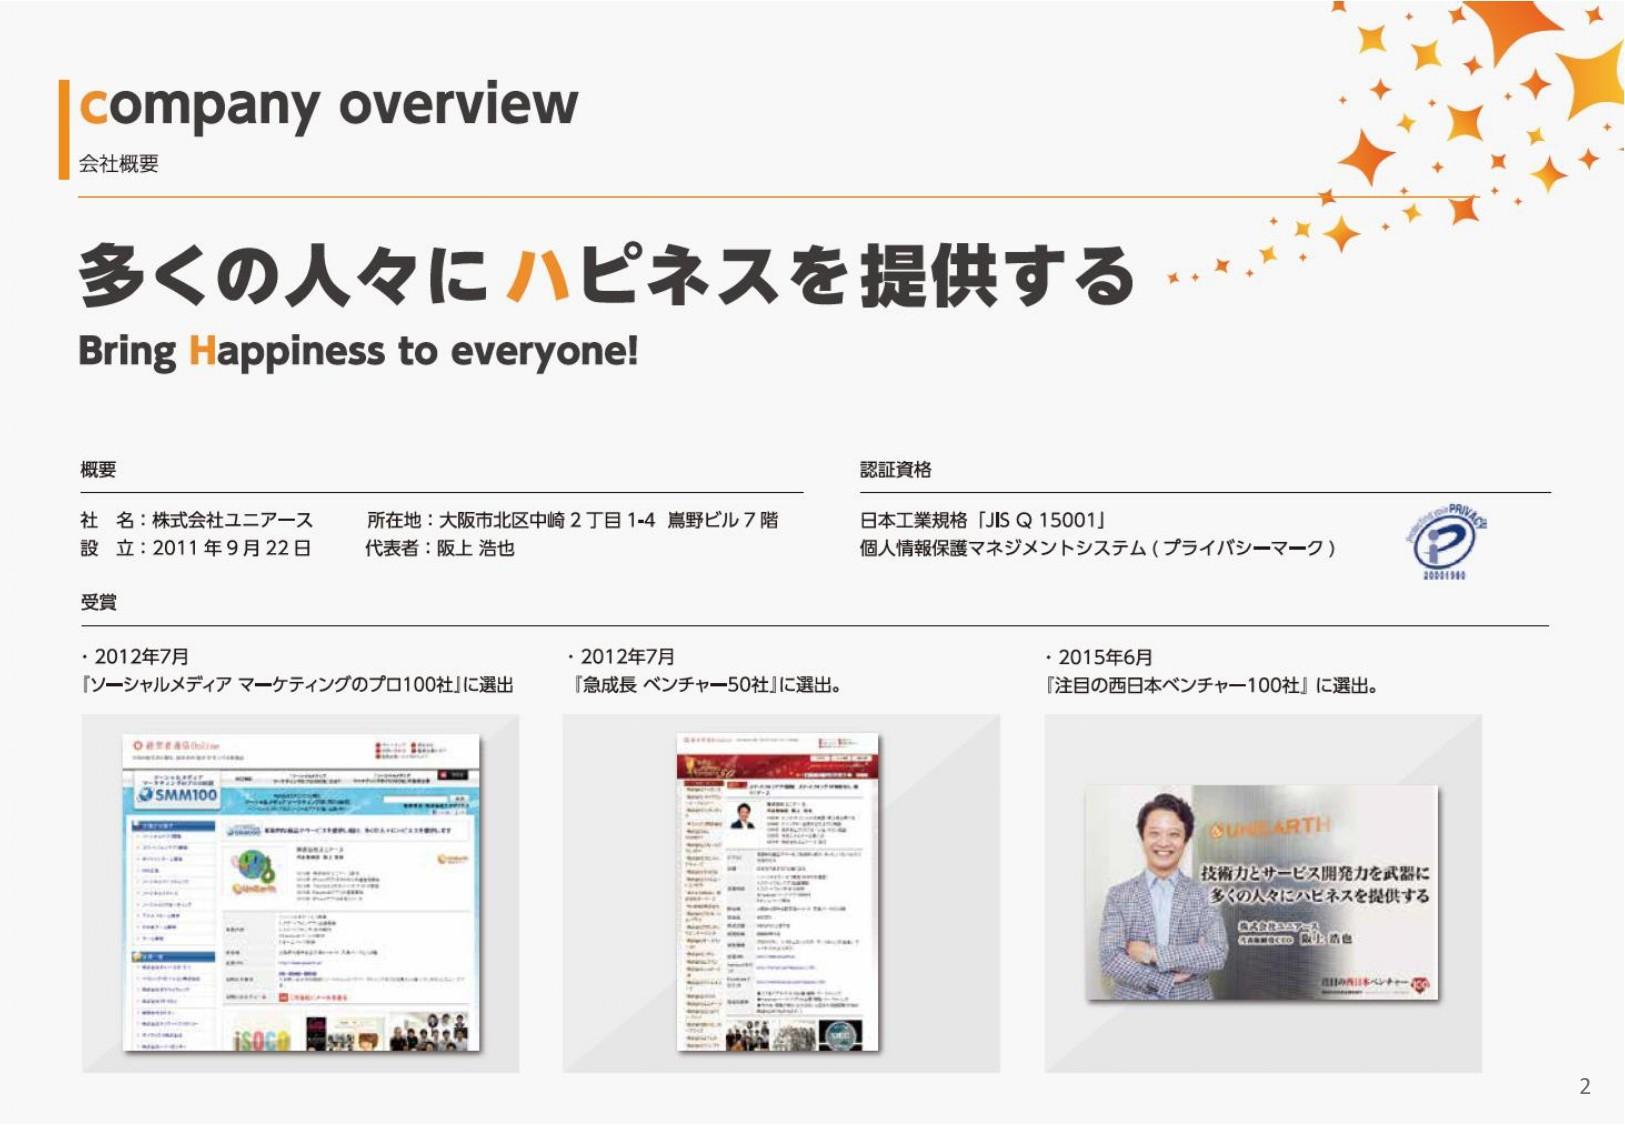 株式会社ユニアースの制作実績と評判 | 大阪府のホームページ制作会社 | Web幹事